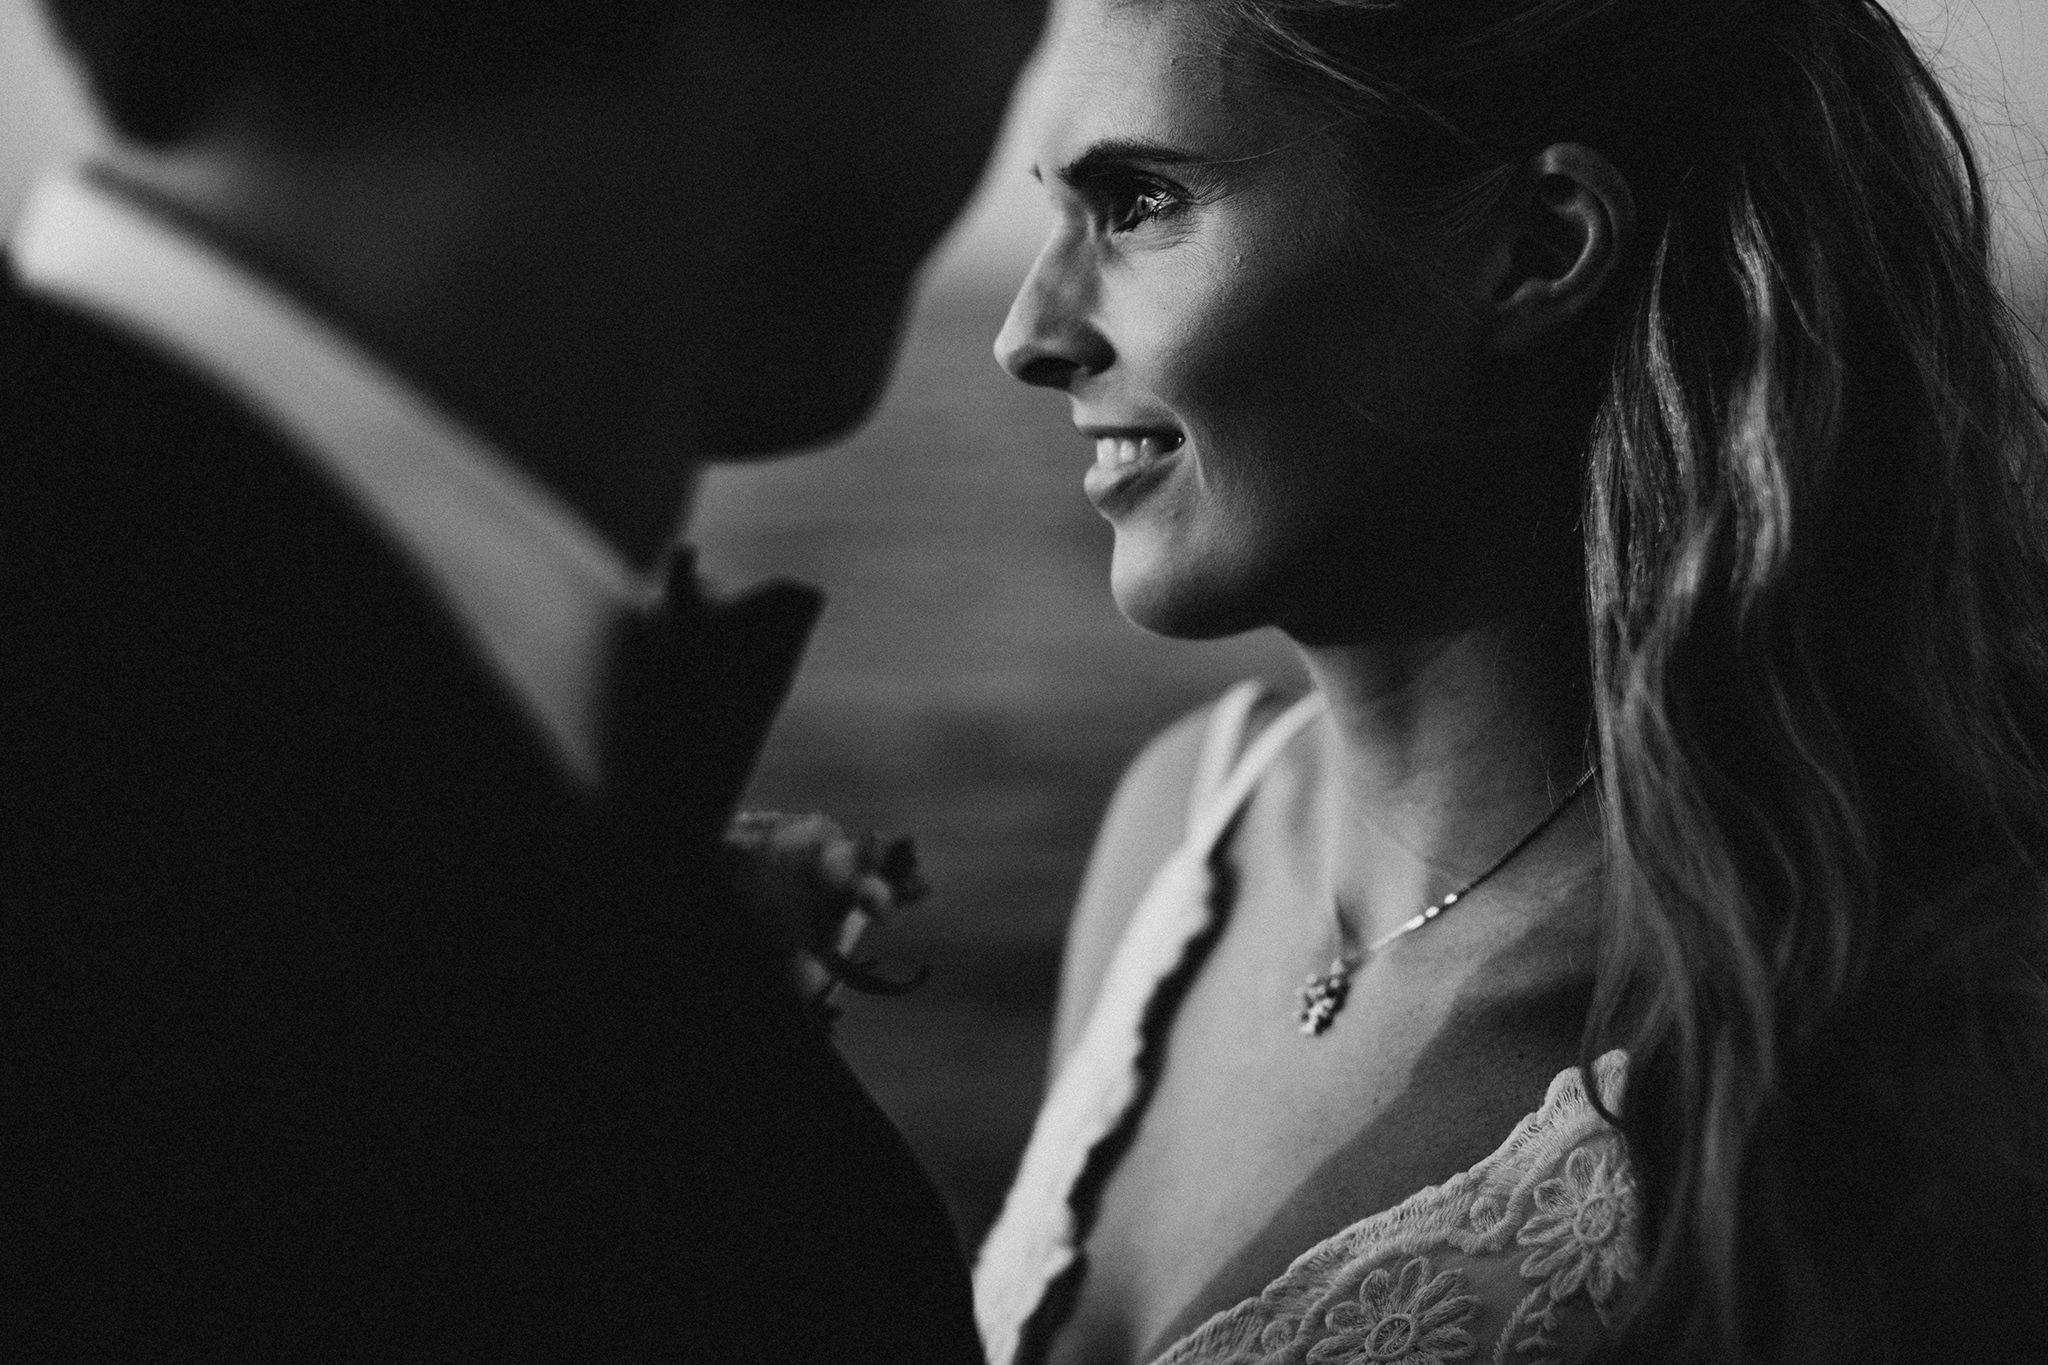 hochzeitsfotografie-kiel-norddeutschland-ostsee-afterwedding-12